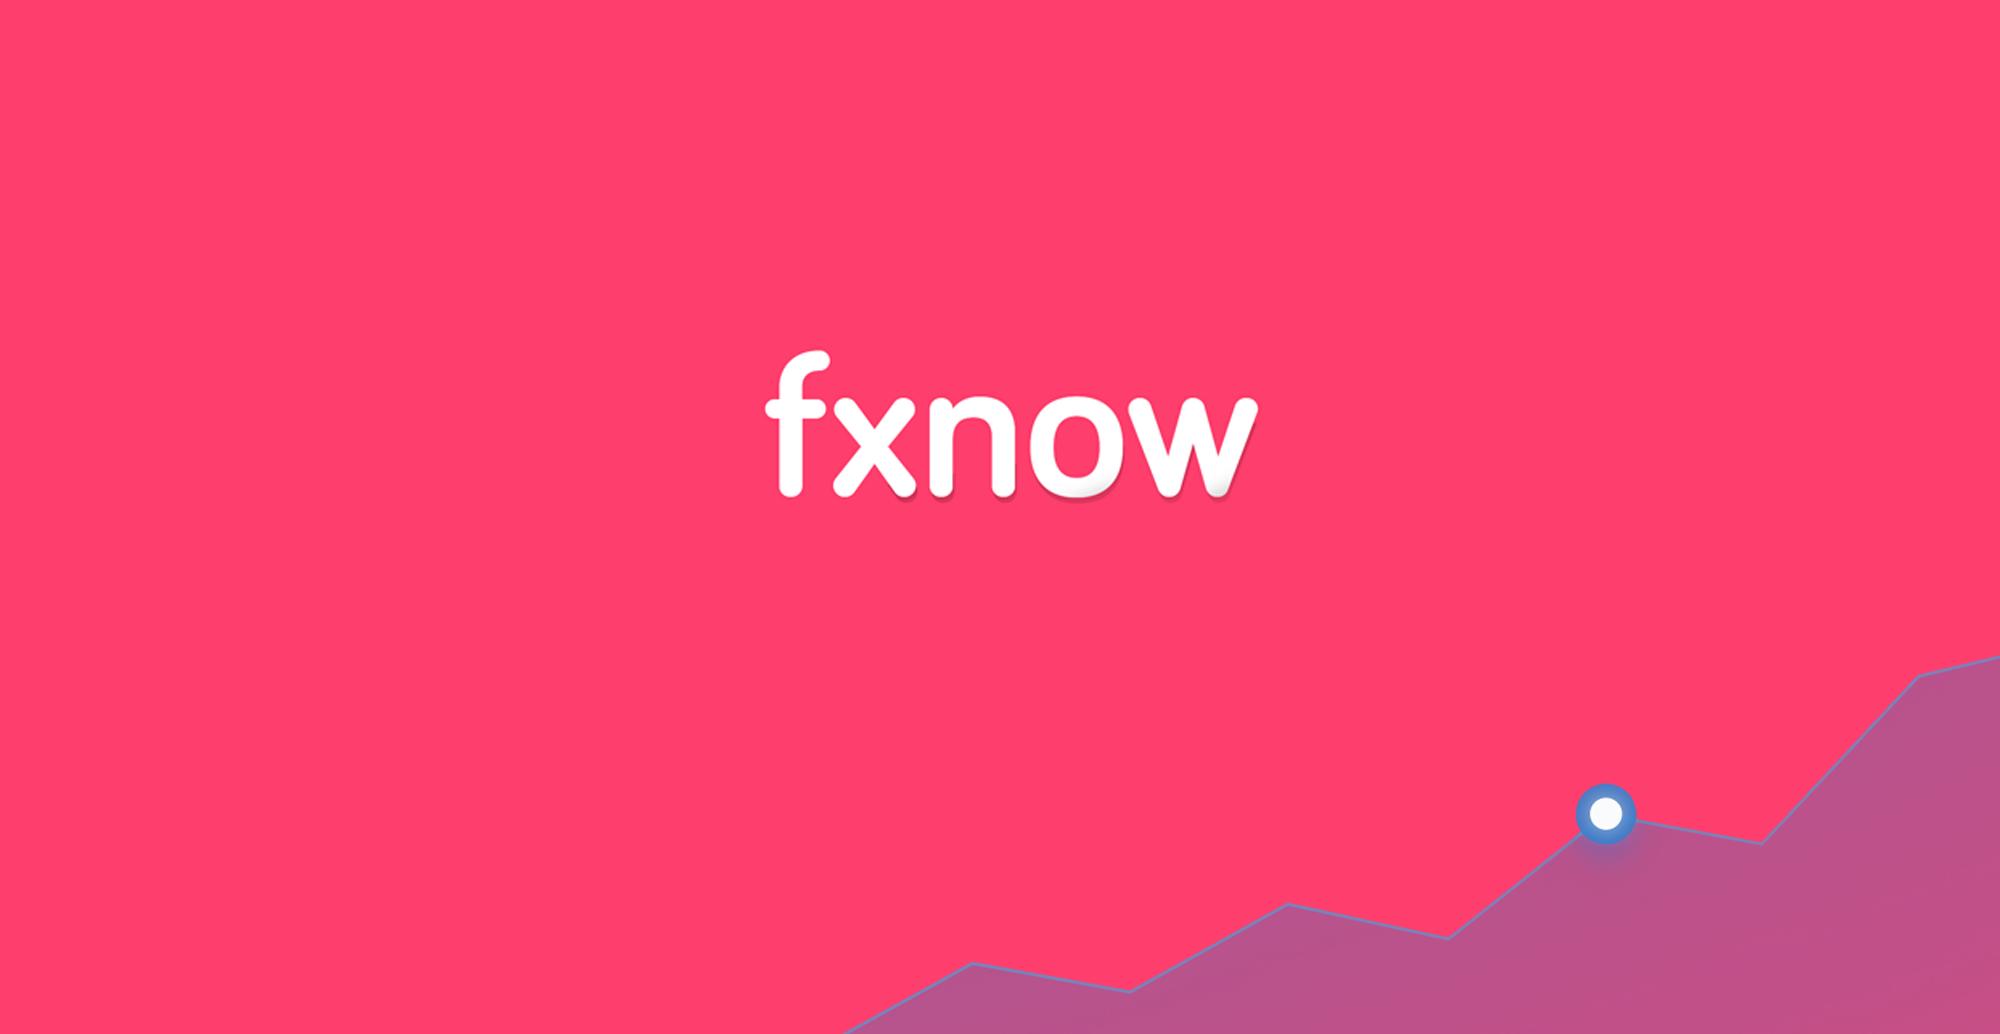 fx-now-3